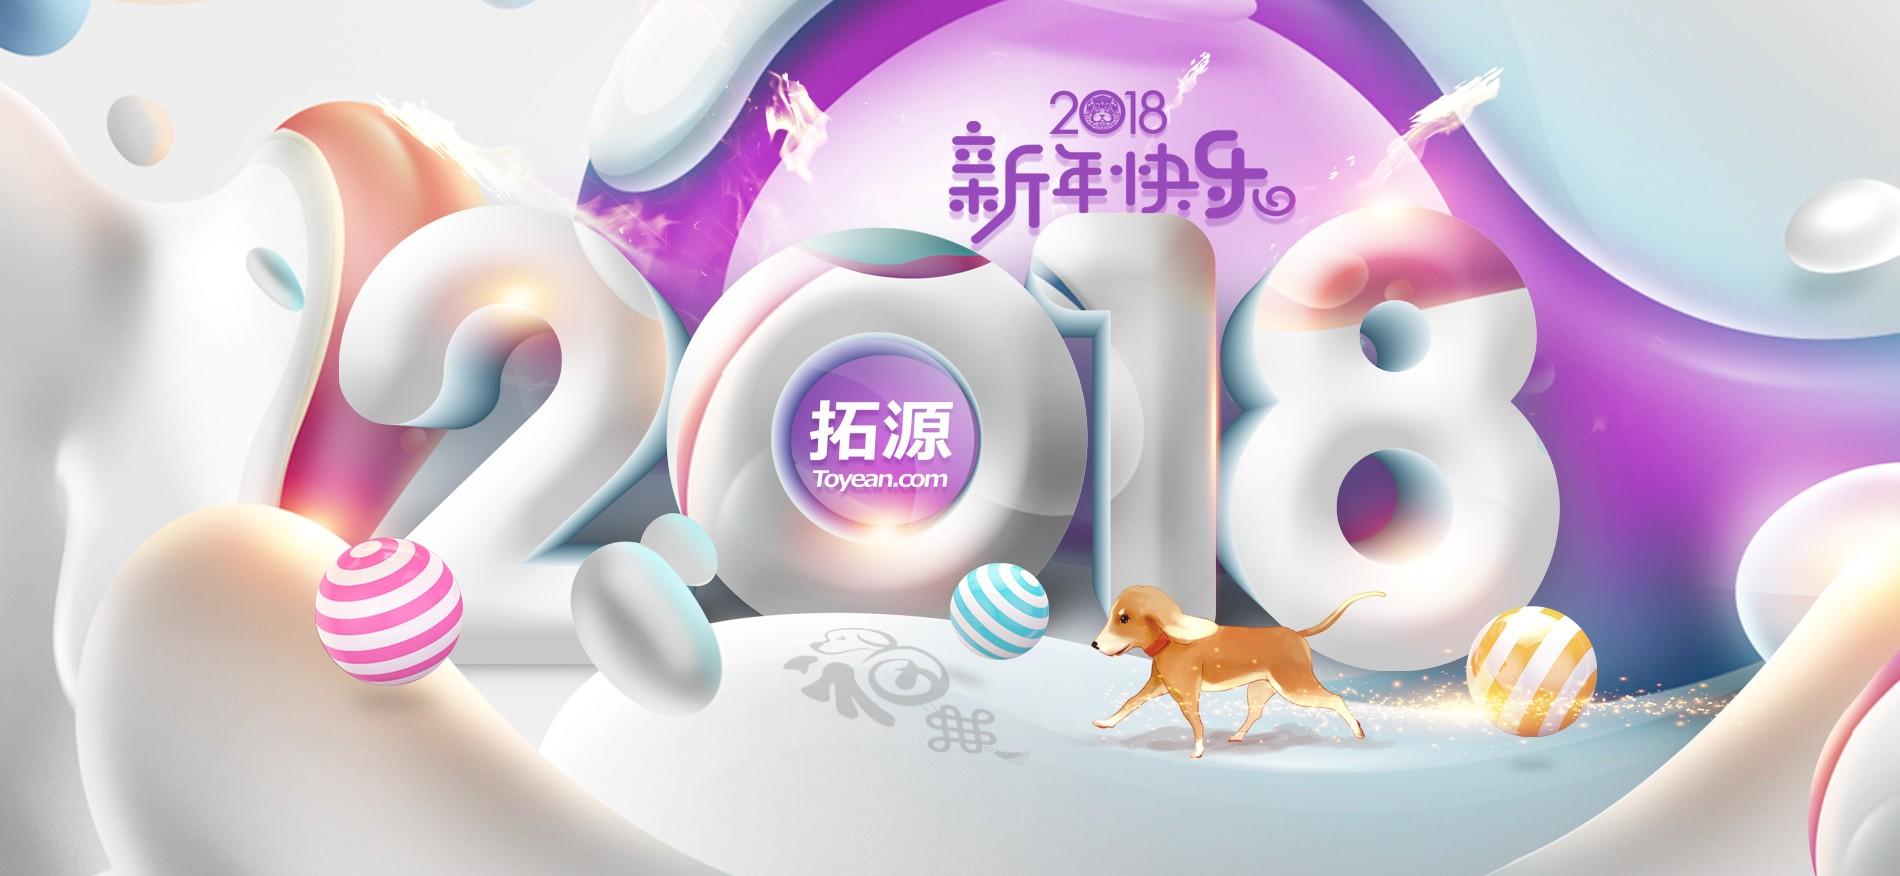 恭祝大家2018新年快乐!